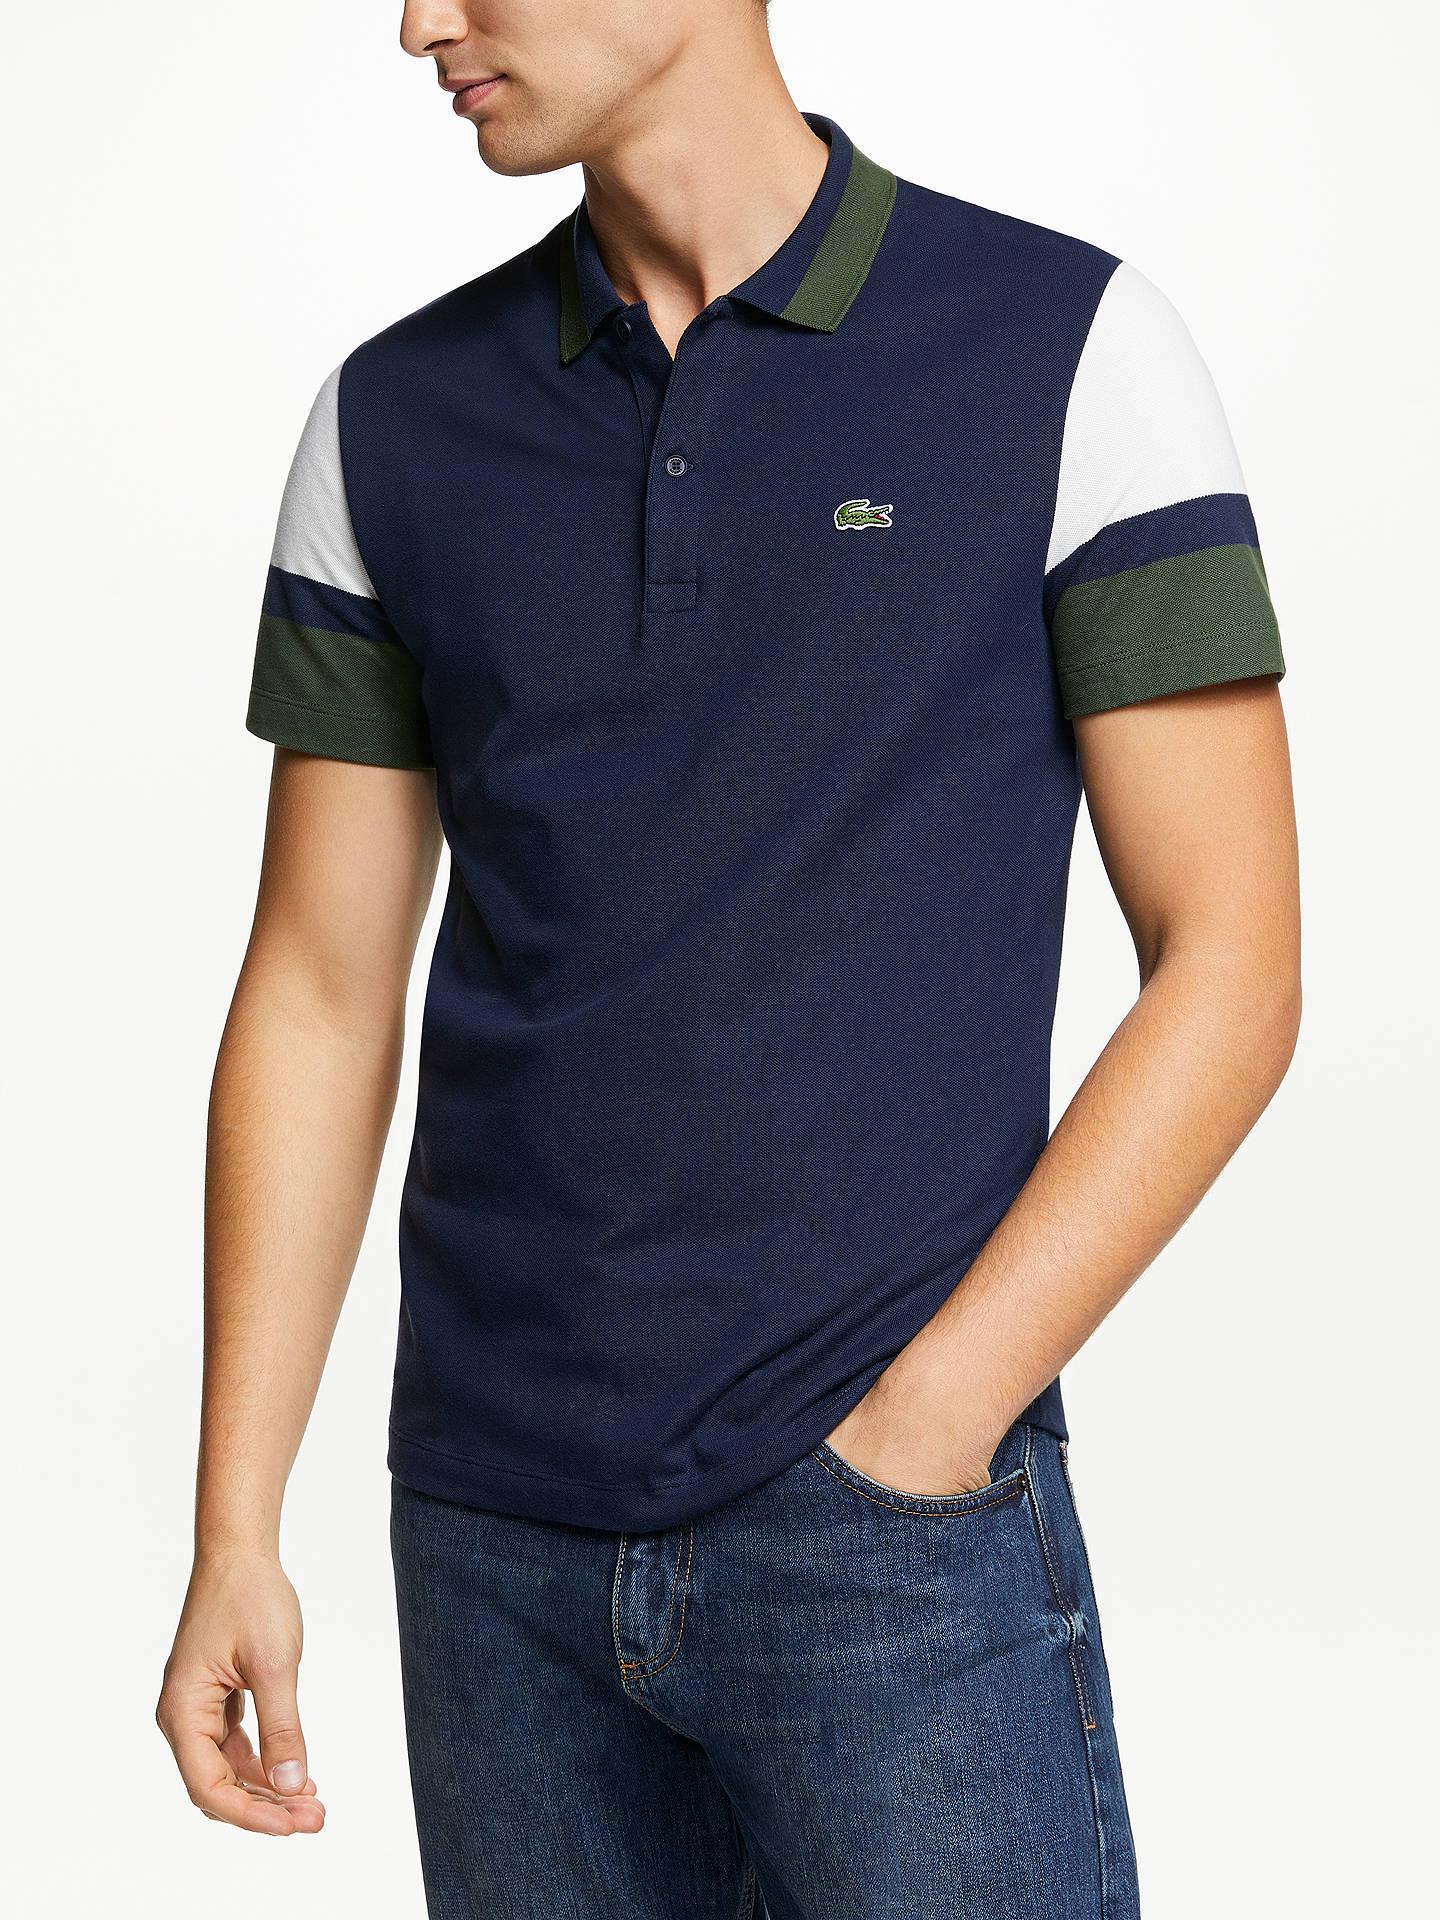 3747ac1bcd9 Buy Lacoste Colour Block Short Sleeve Polo Shirt